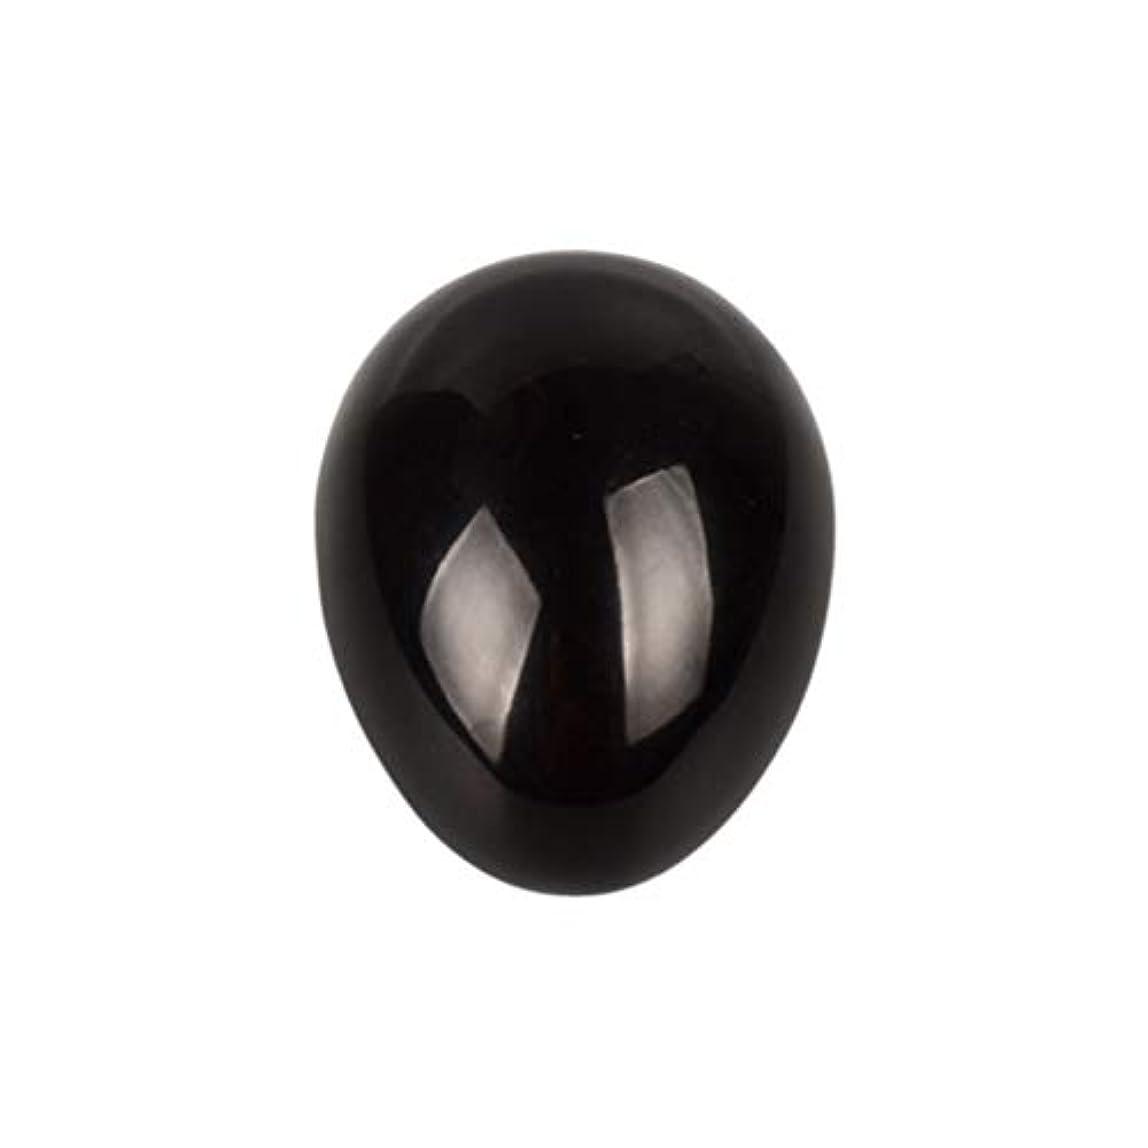 比べる統合素晴らしい良い多くのSUPVOX 45×30×30ミリメートルのバランスをとる瞑想チャクラを癒すための黒曜石宝石用原石の卵球